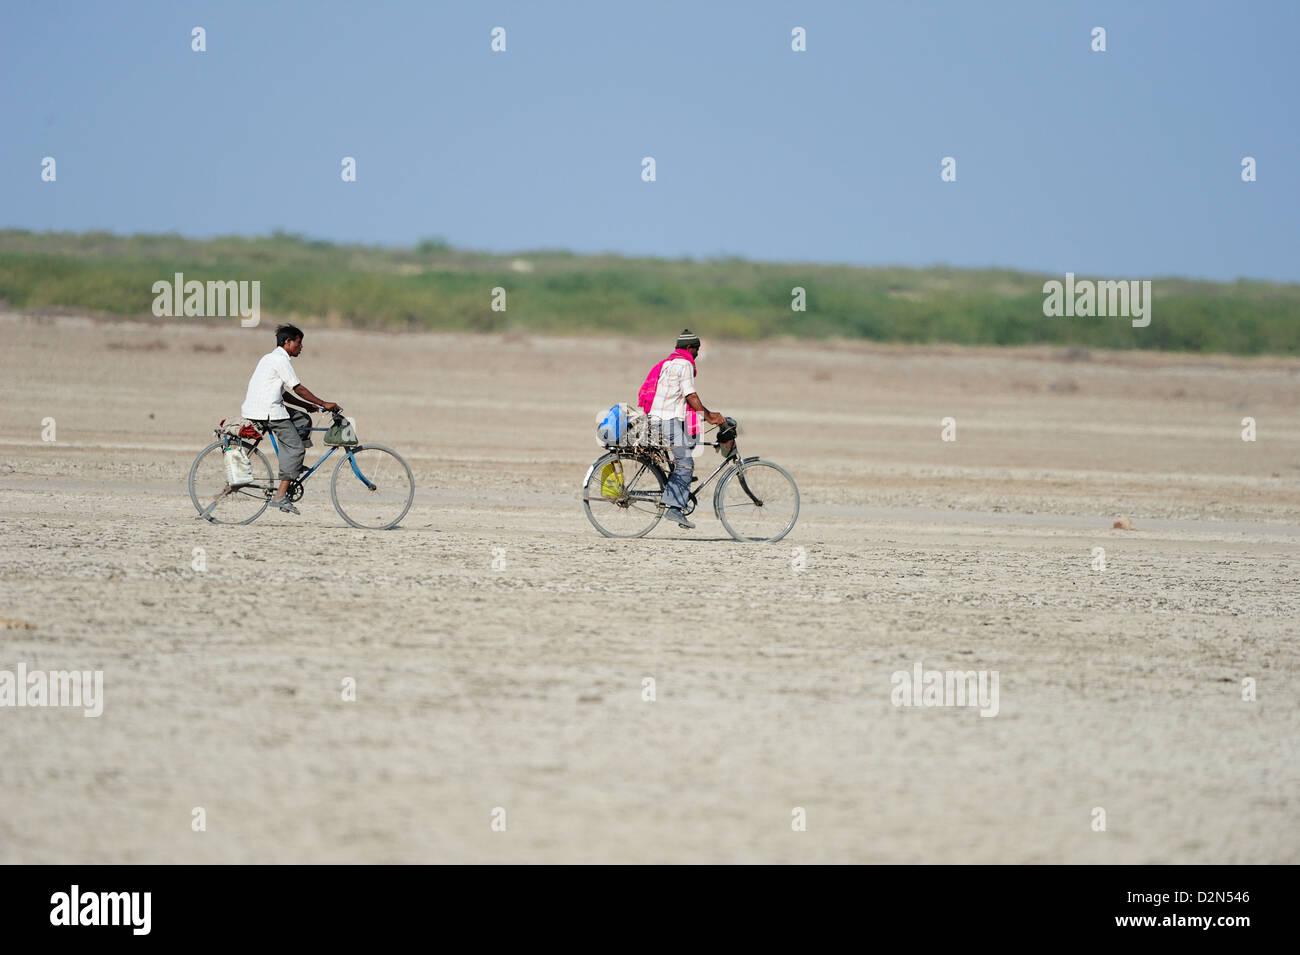 Dans les régions rurales de l'Inde d'hommes vont à vélo au loin des villes pour travailler, Photo Stock